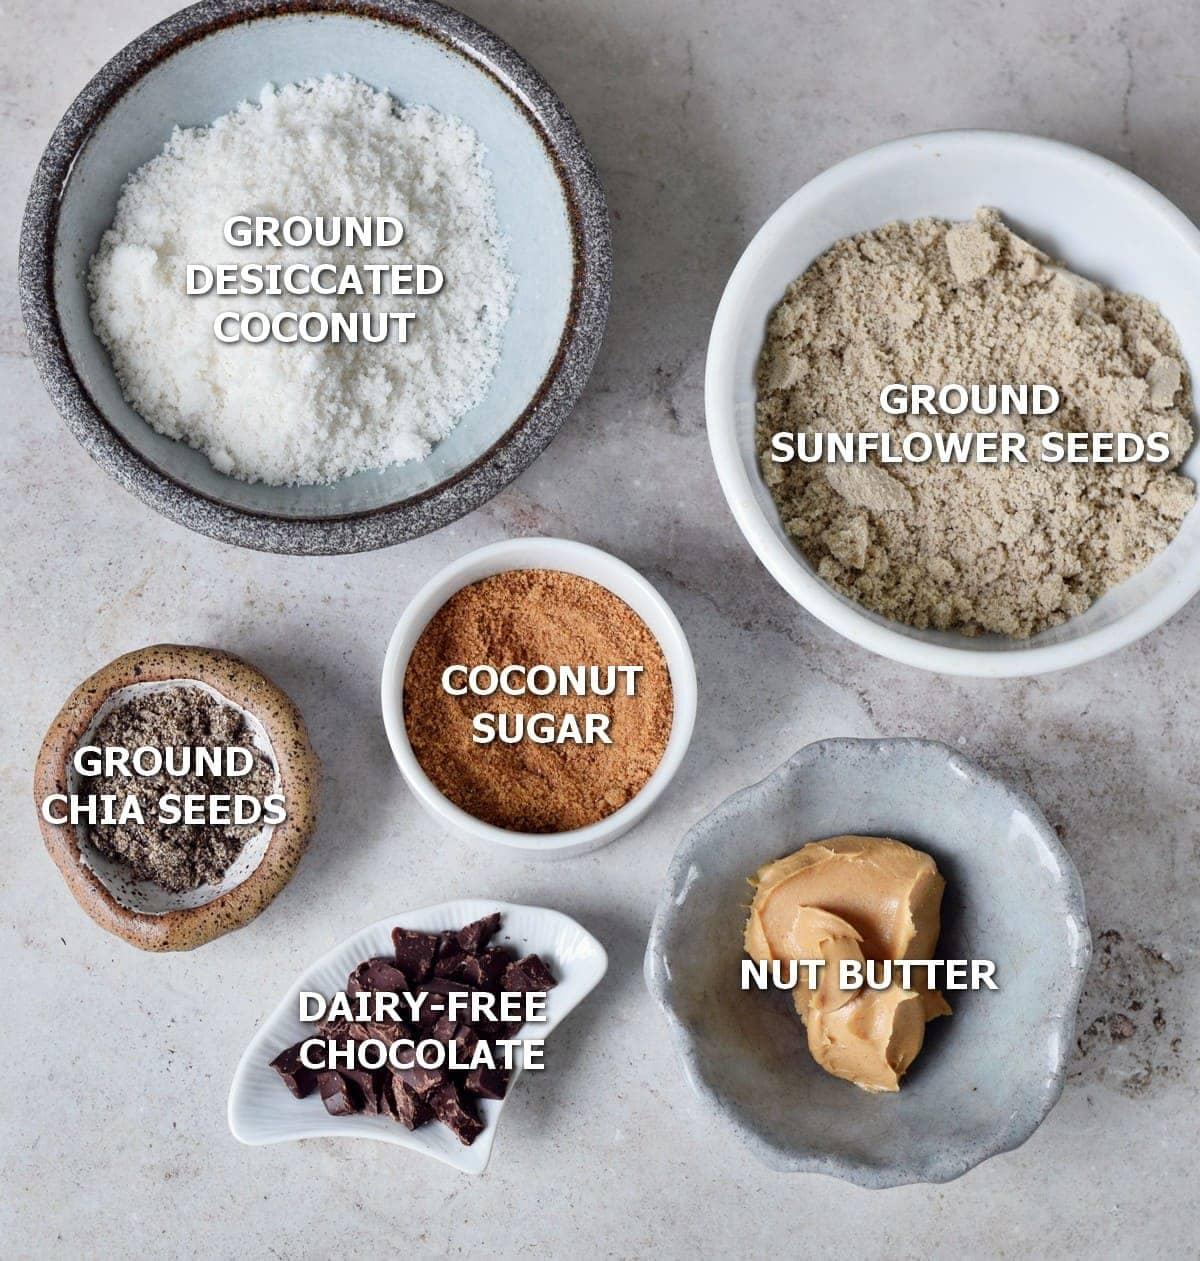 Ingredients for vegan cookies